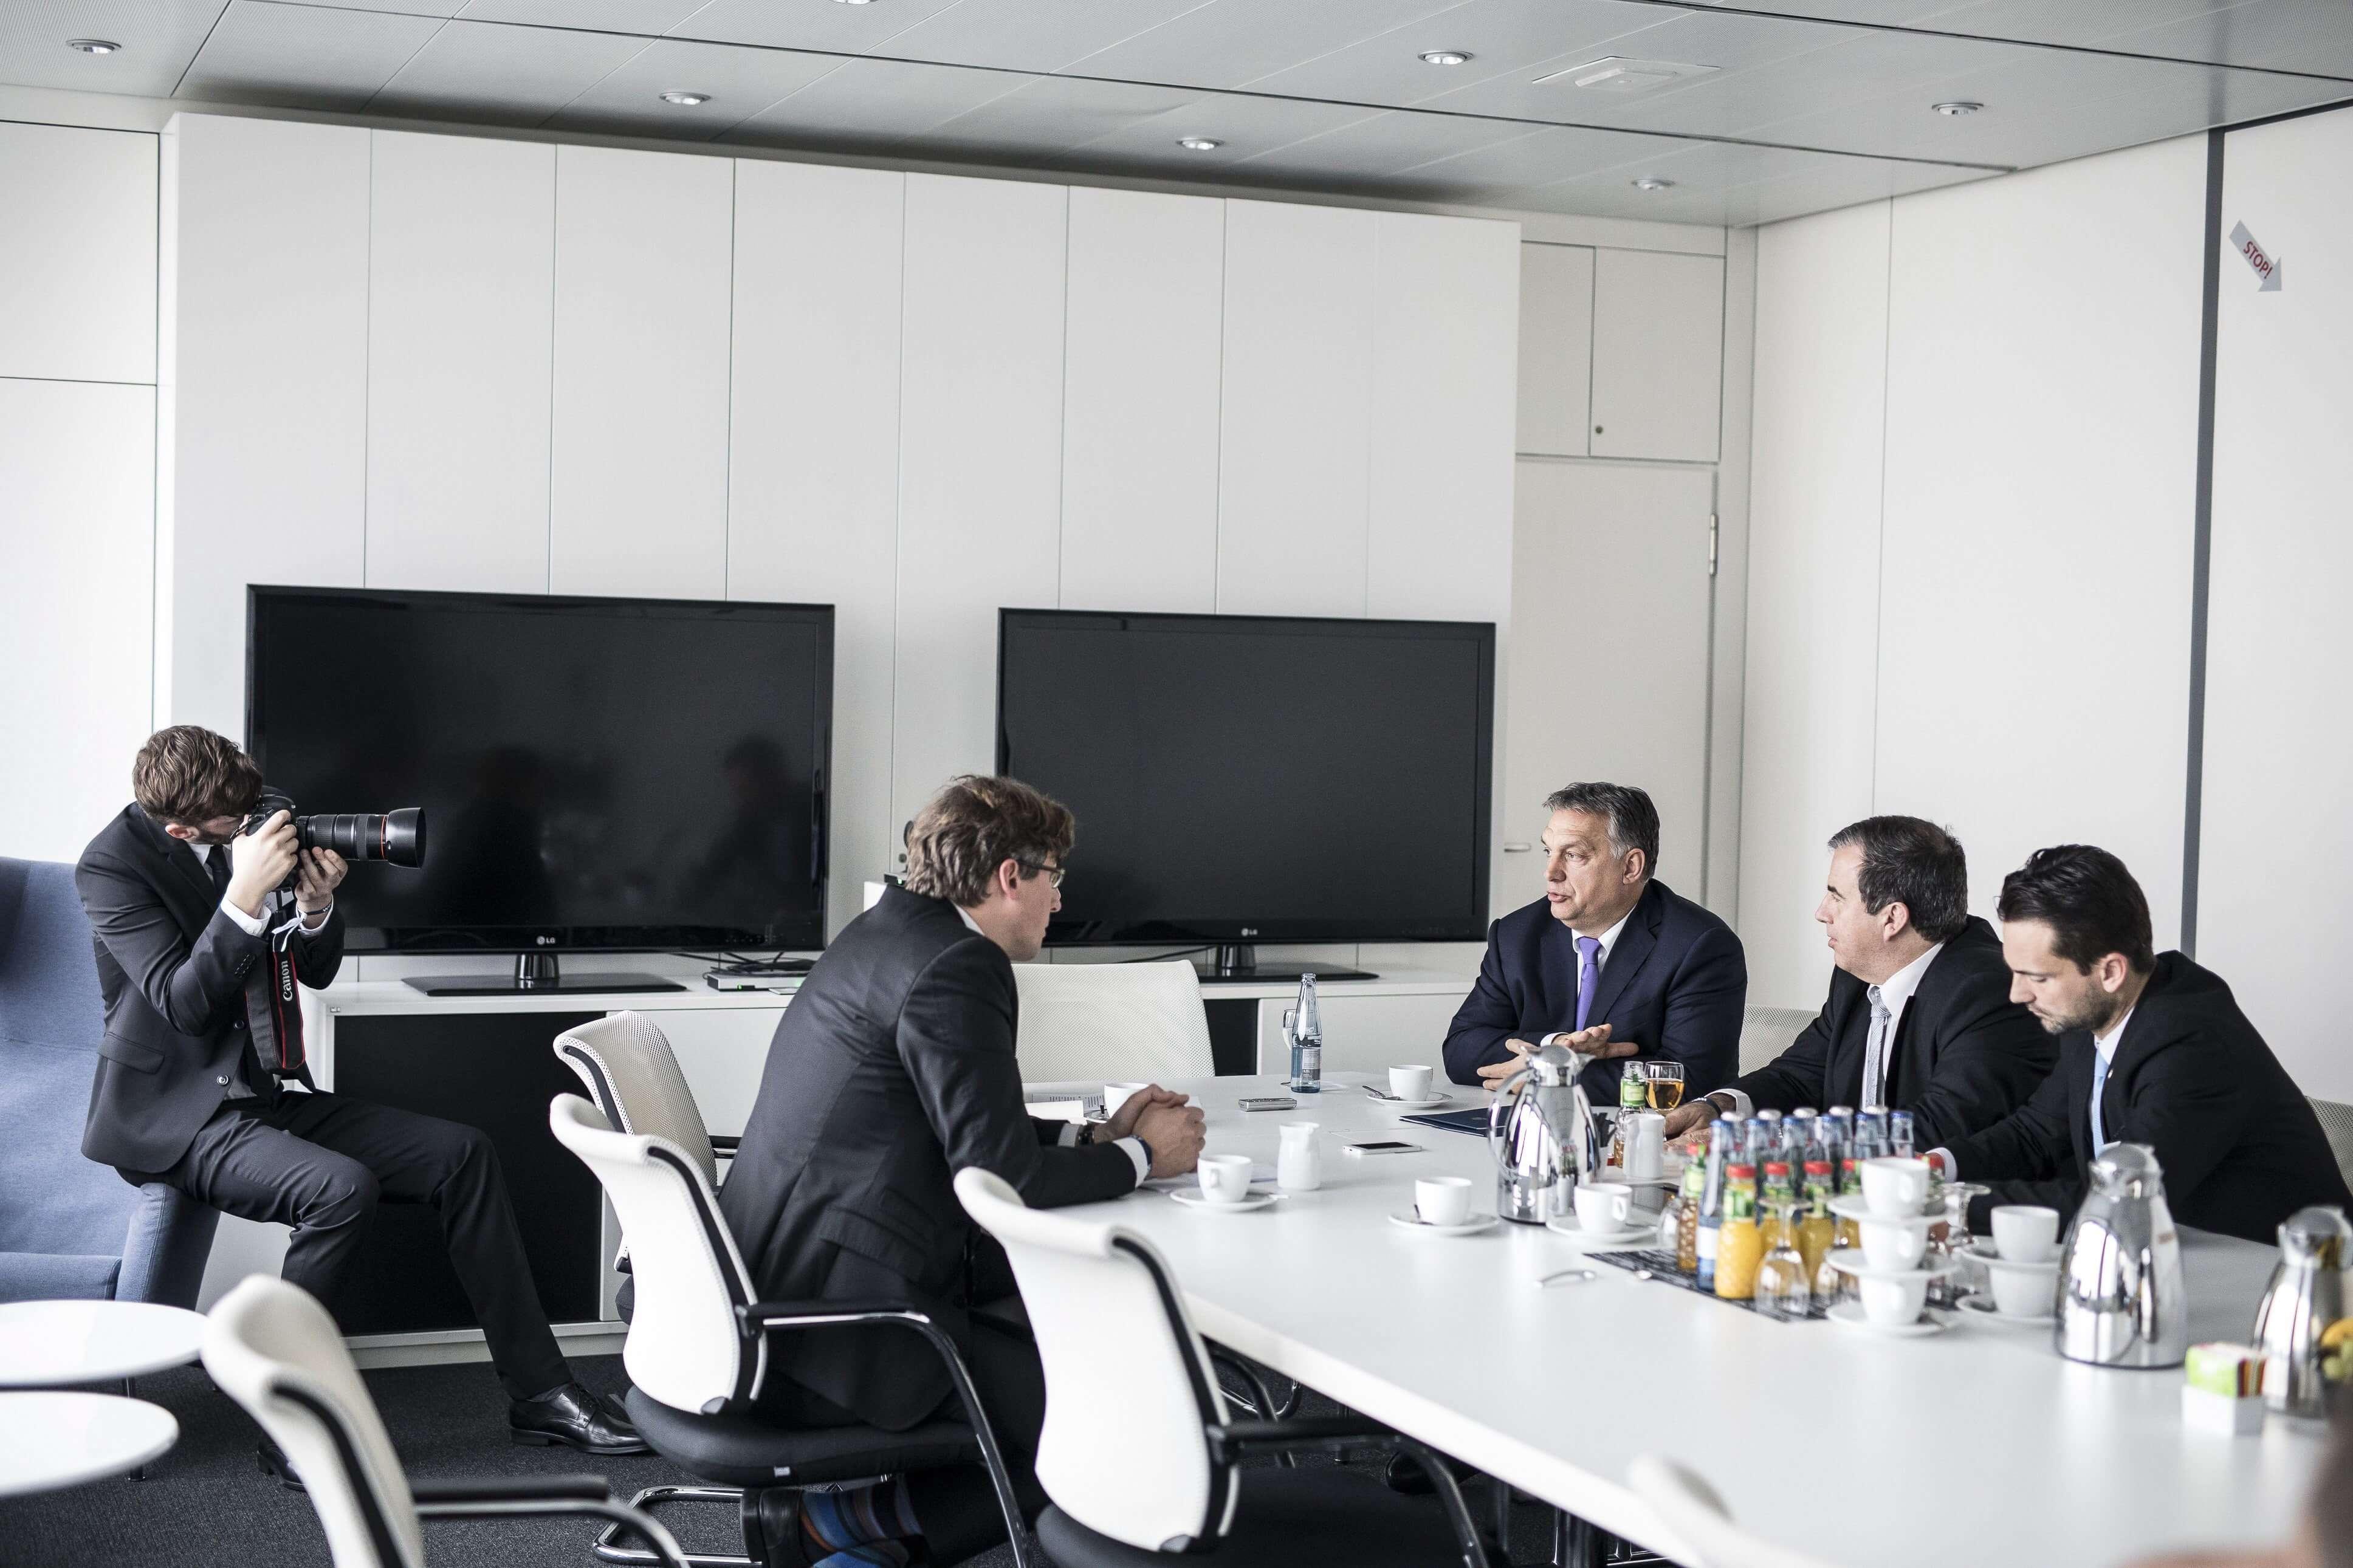 A Miniszterelnöki Sajtóiroda által közzétett képen Orbán Viktor interjút ad a Welt am Sonntag német hetilapnak Berlinben, az újságot kiadó Axel Springer székházában 2018. január 10-én. (MTI Fotó: Miniszterelnöki Sajtóiroda / Szecsődi Balázs)